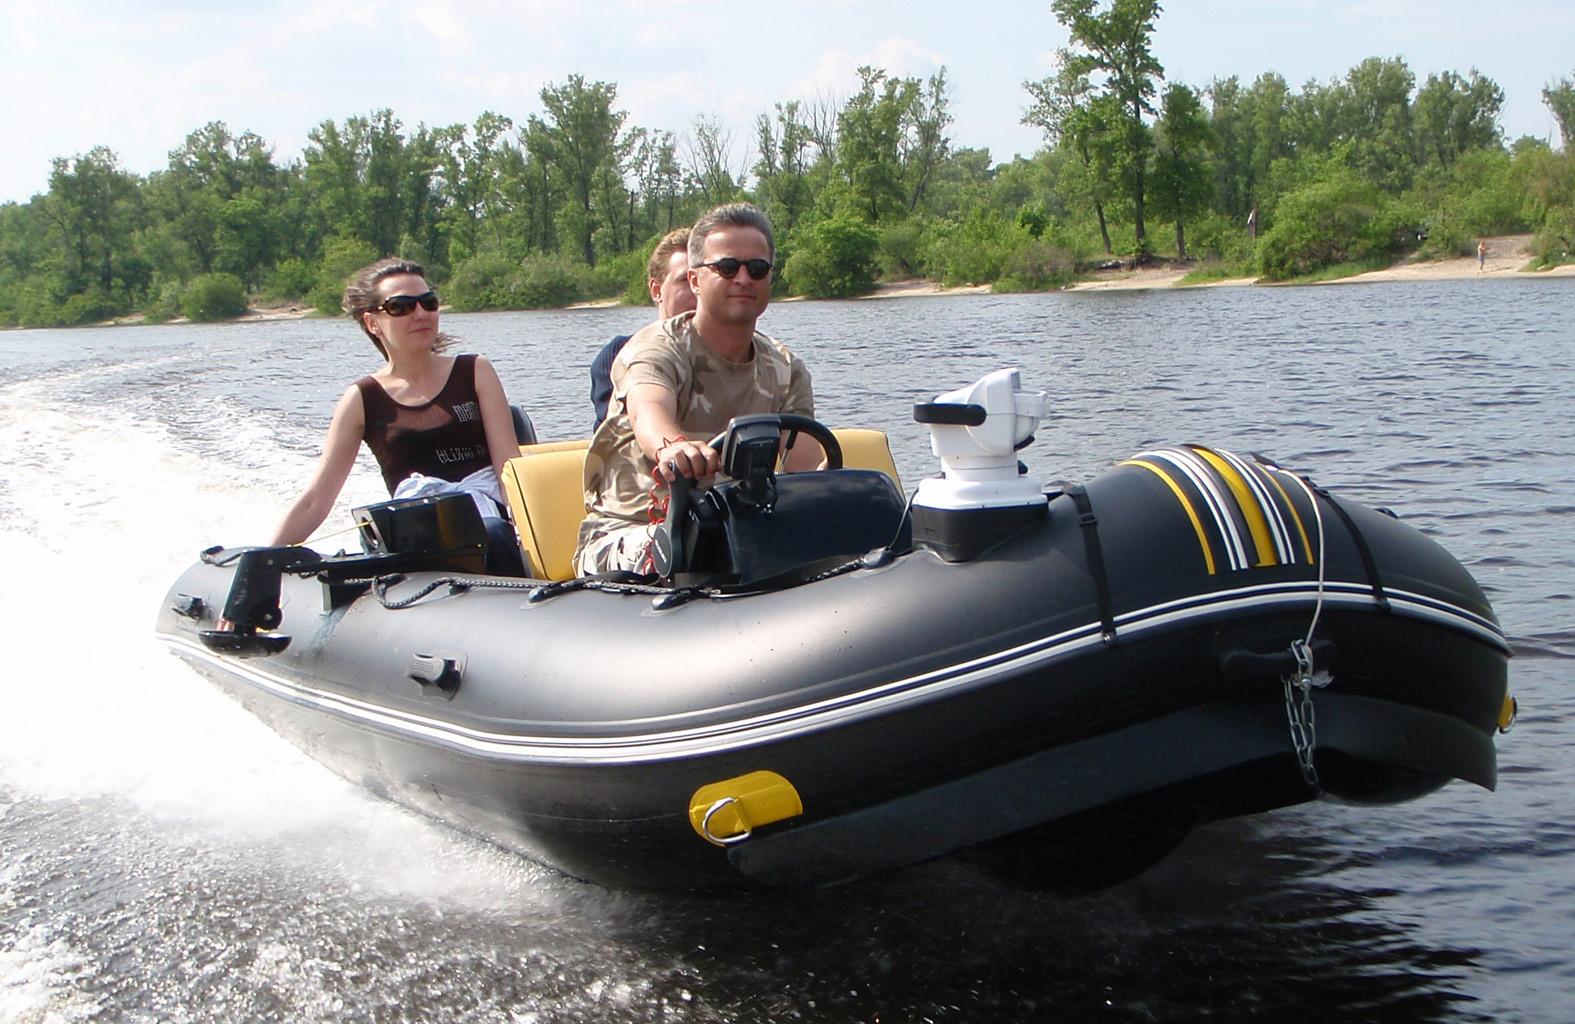 купить надувную моторную лодку киев